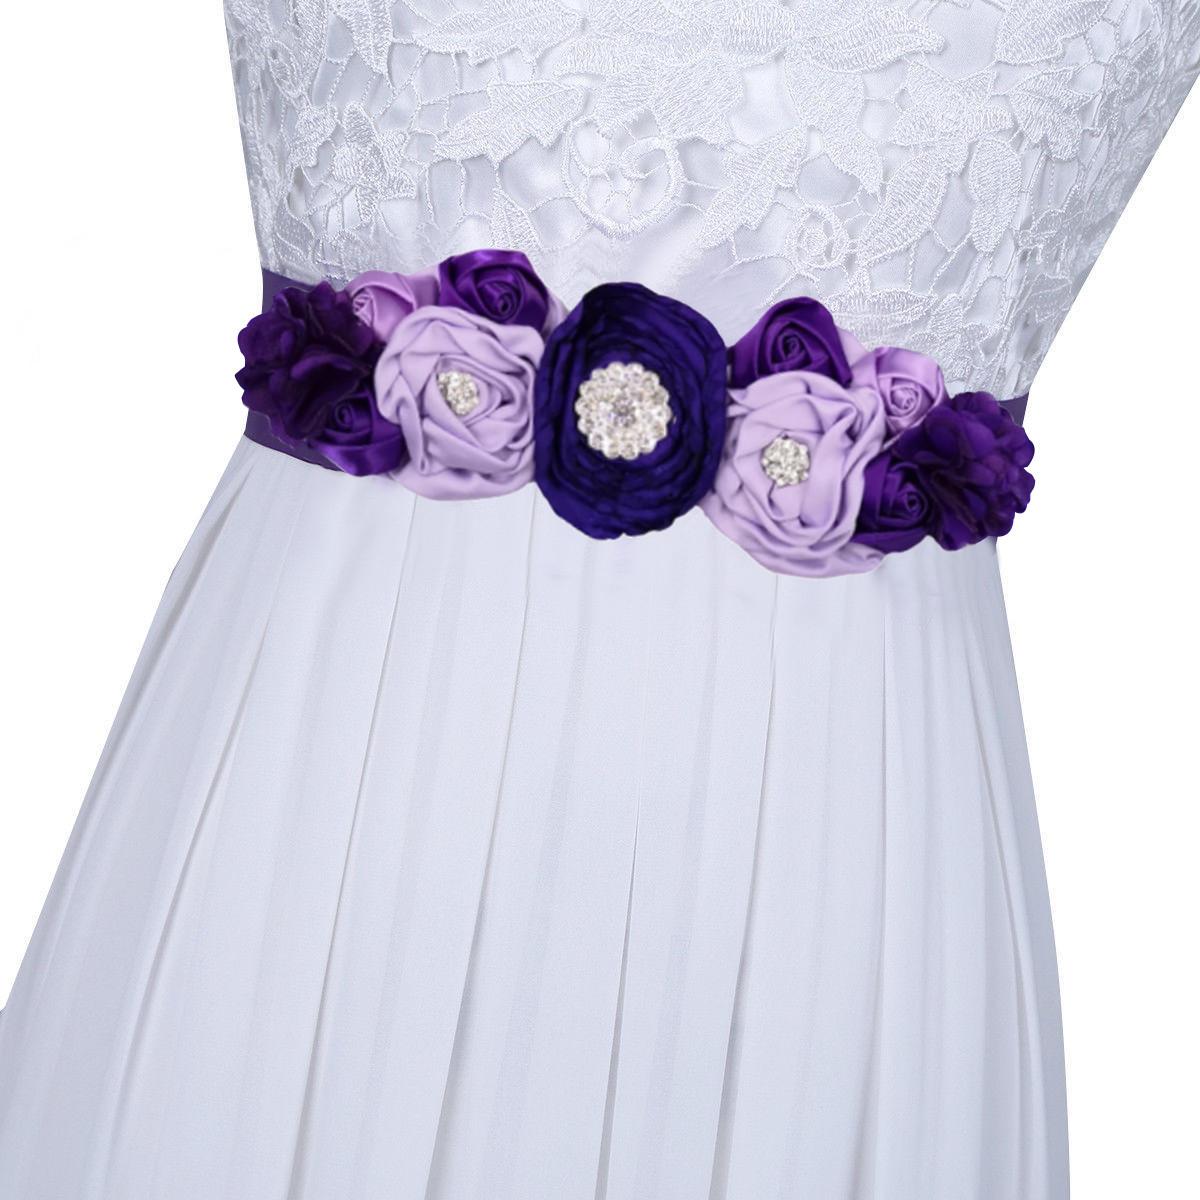 КрасотаДетиЦветочнаядевушкаатласнаяшелковая цветочная створка Ремень Свадебное Платье Талия Ремень